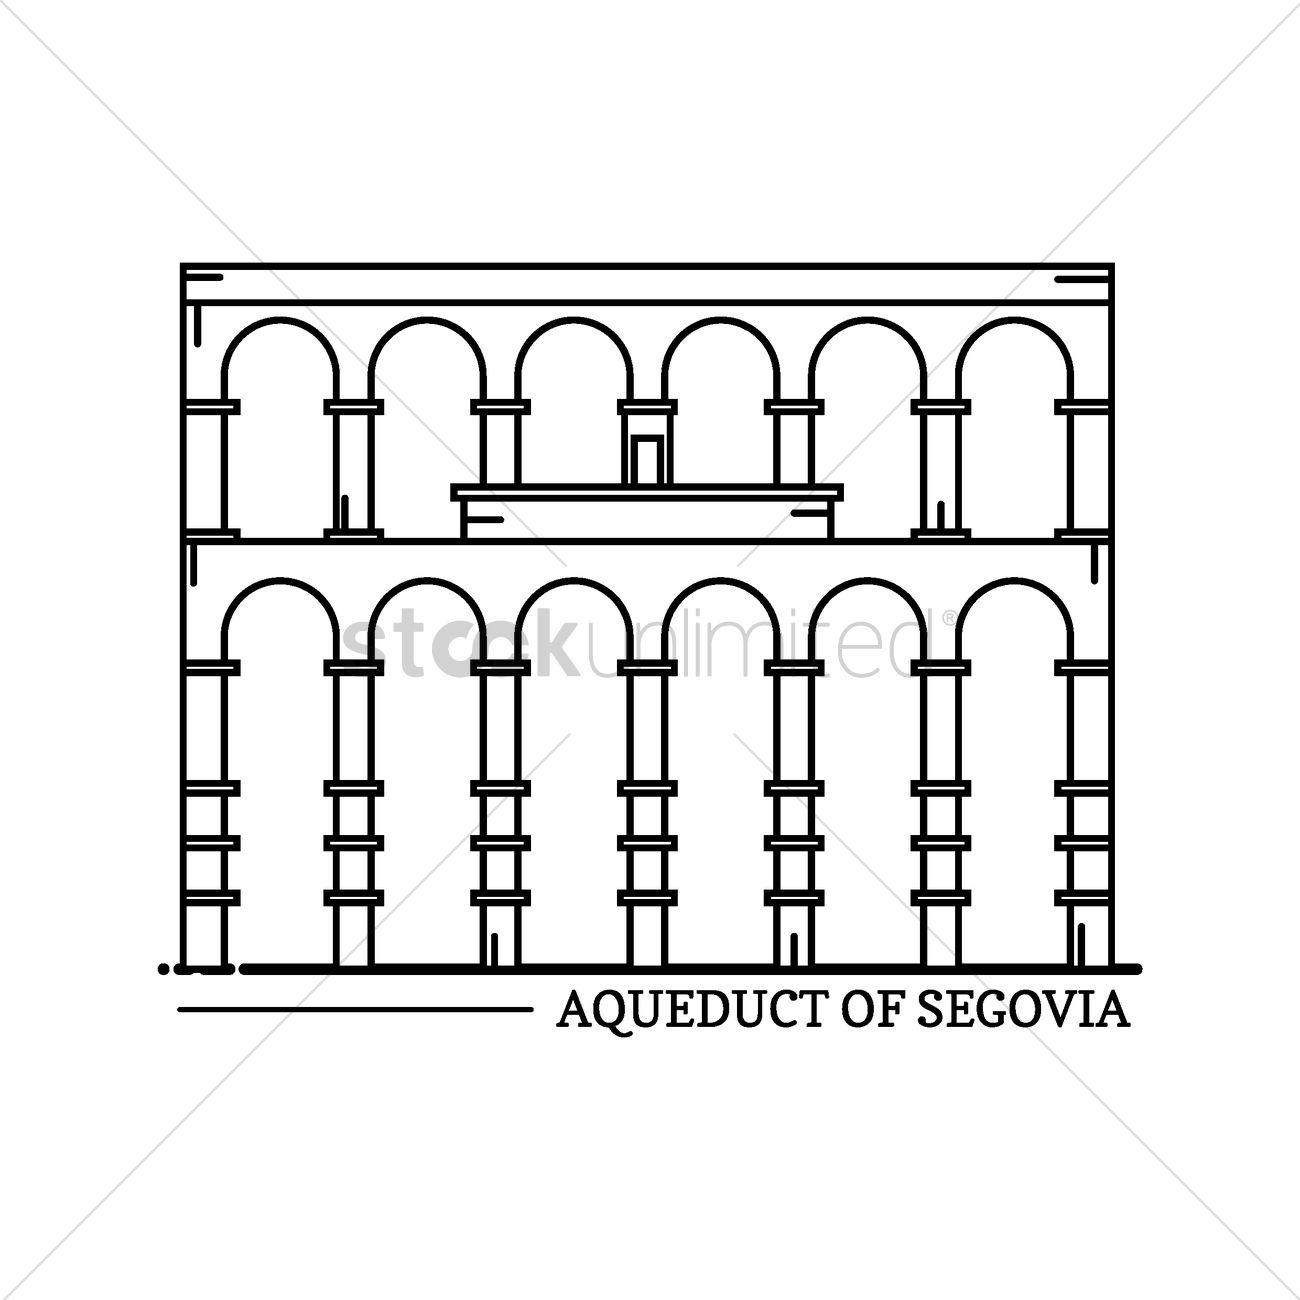 Aqueduct of segovia Vector Image.